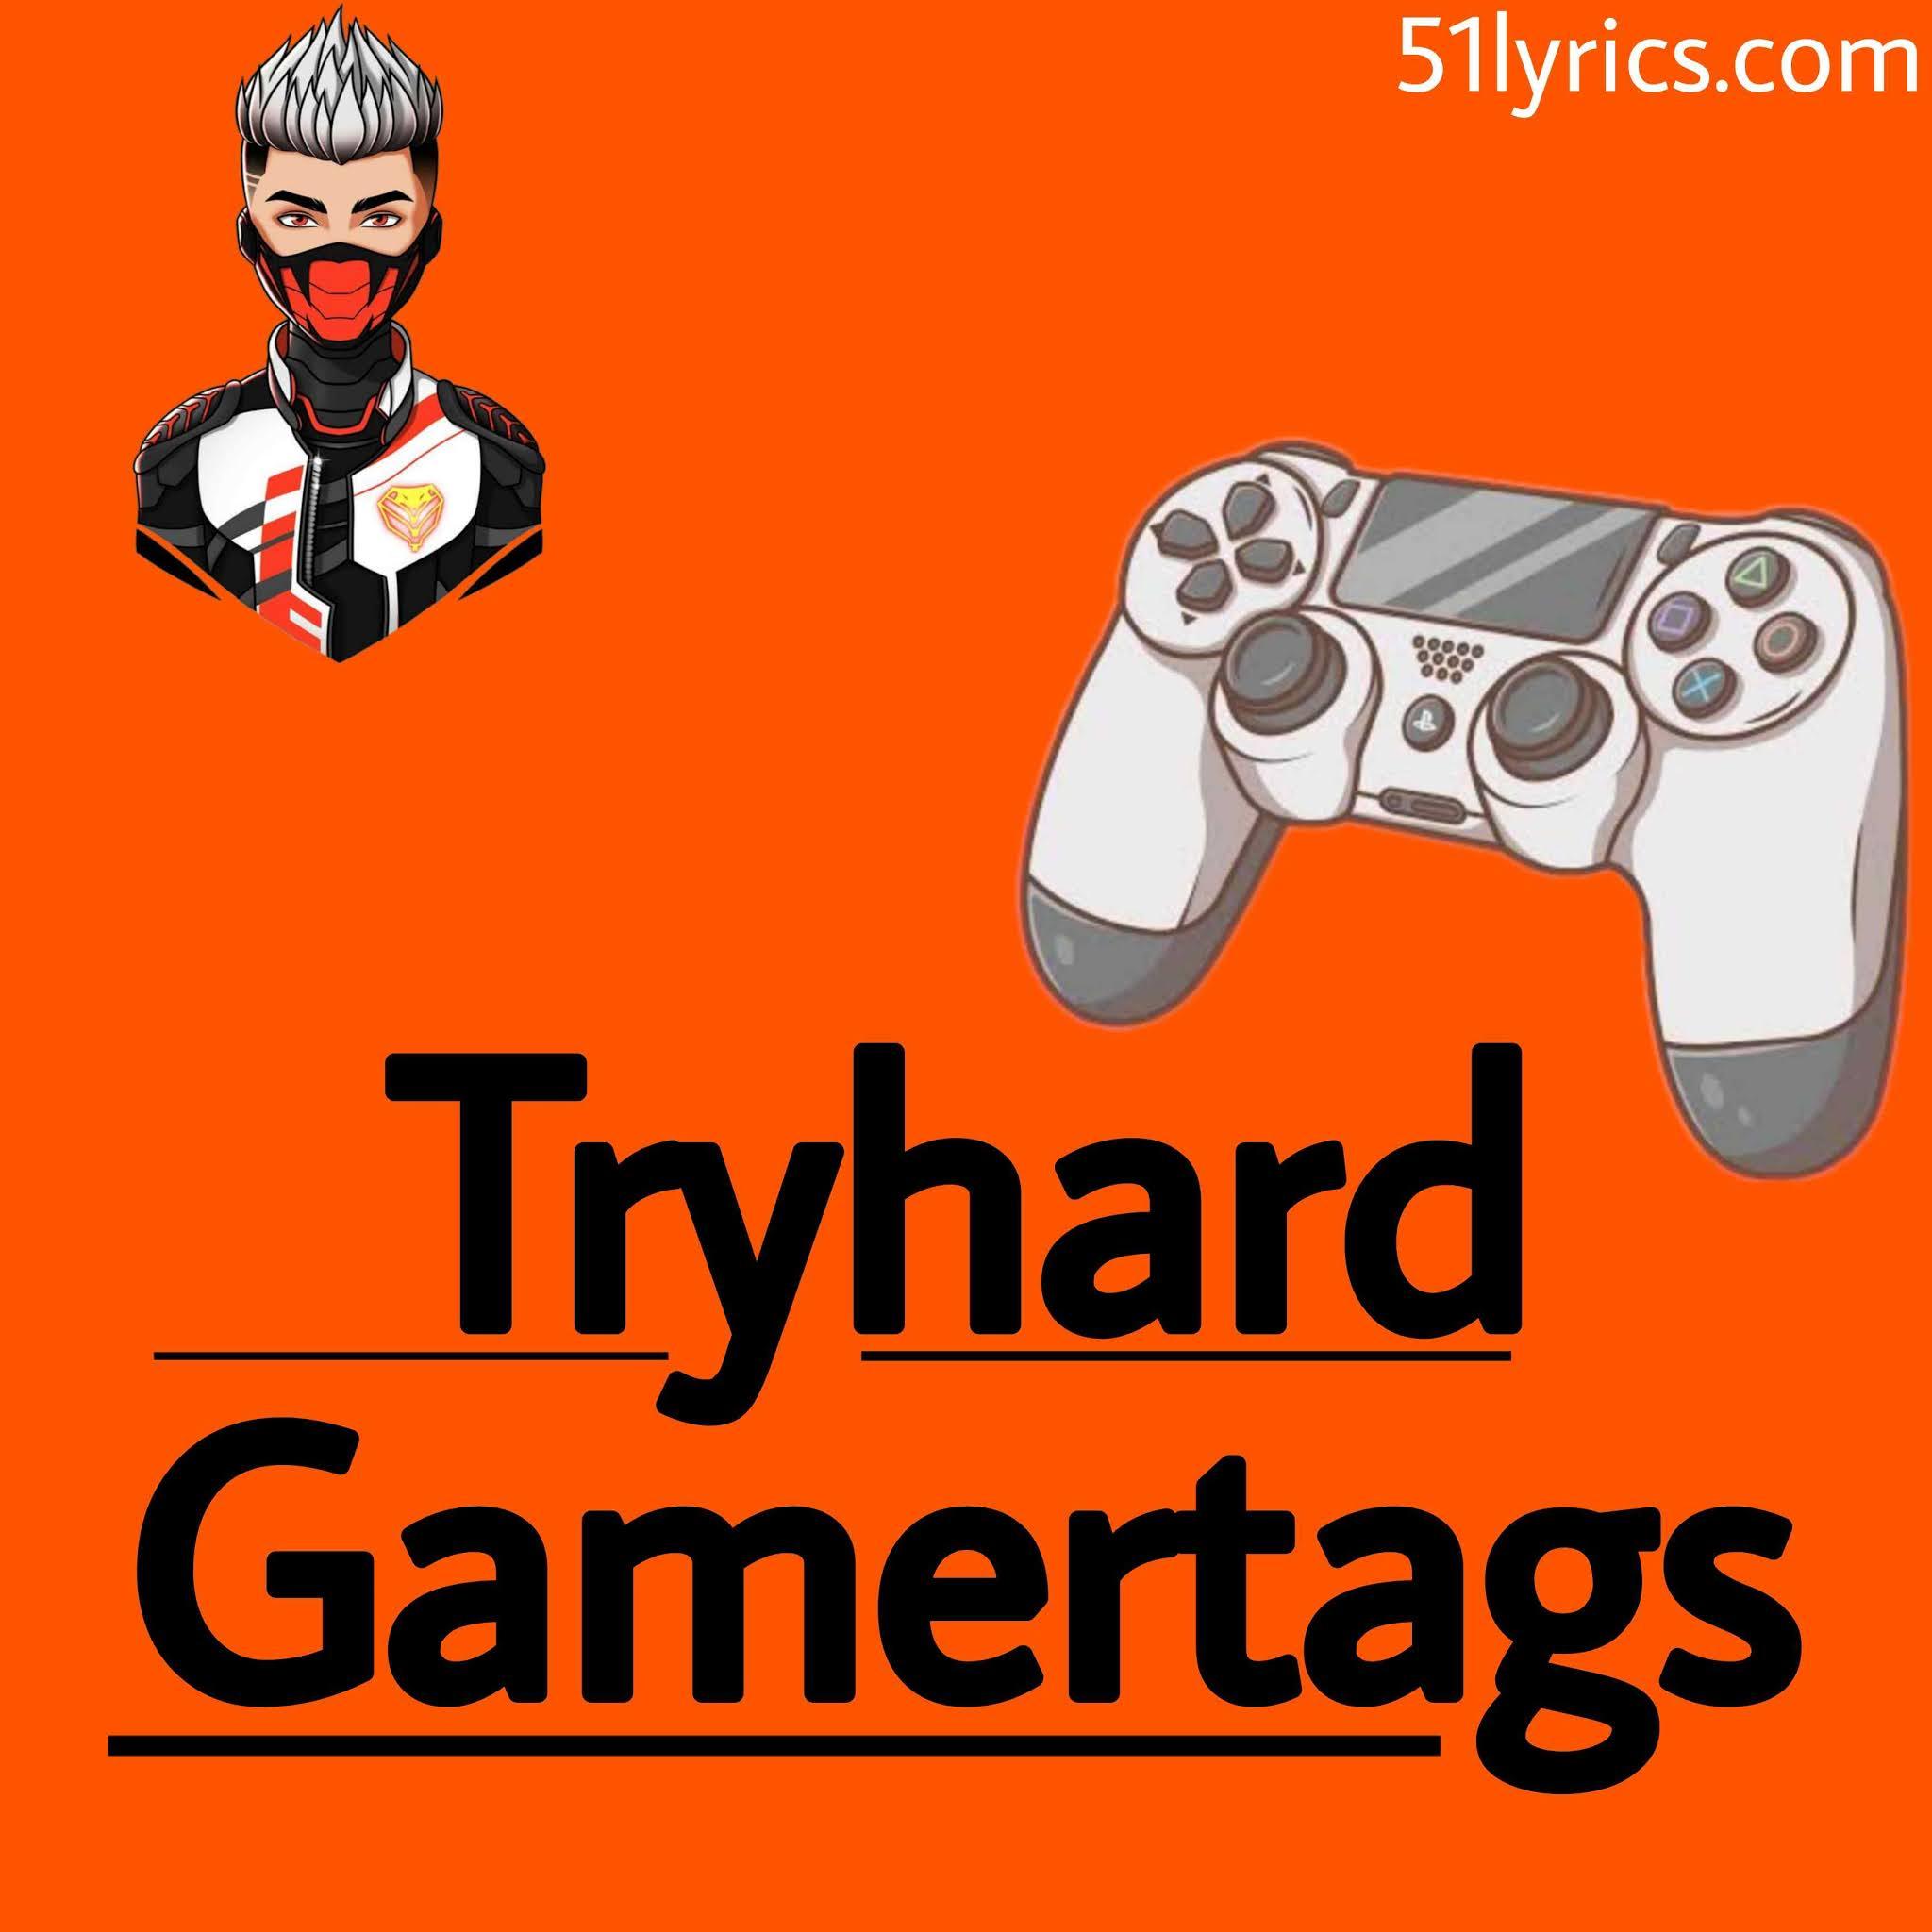 Tryhard Gamertags, gamertags for PS4, Gamertags for XBox, Sweety